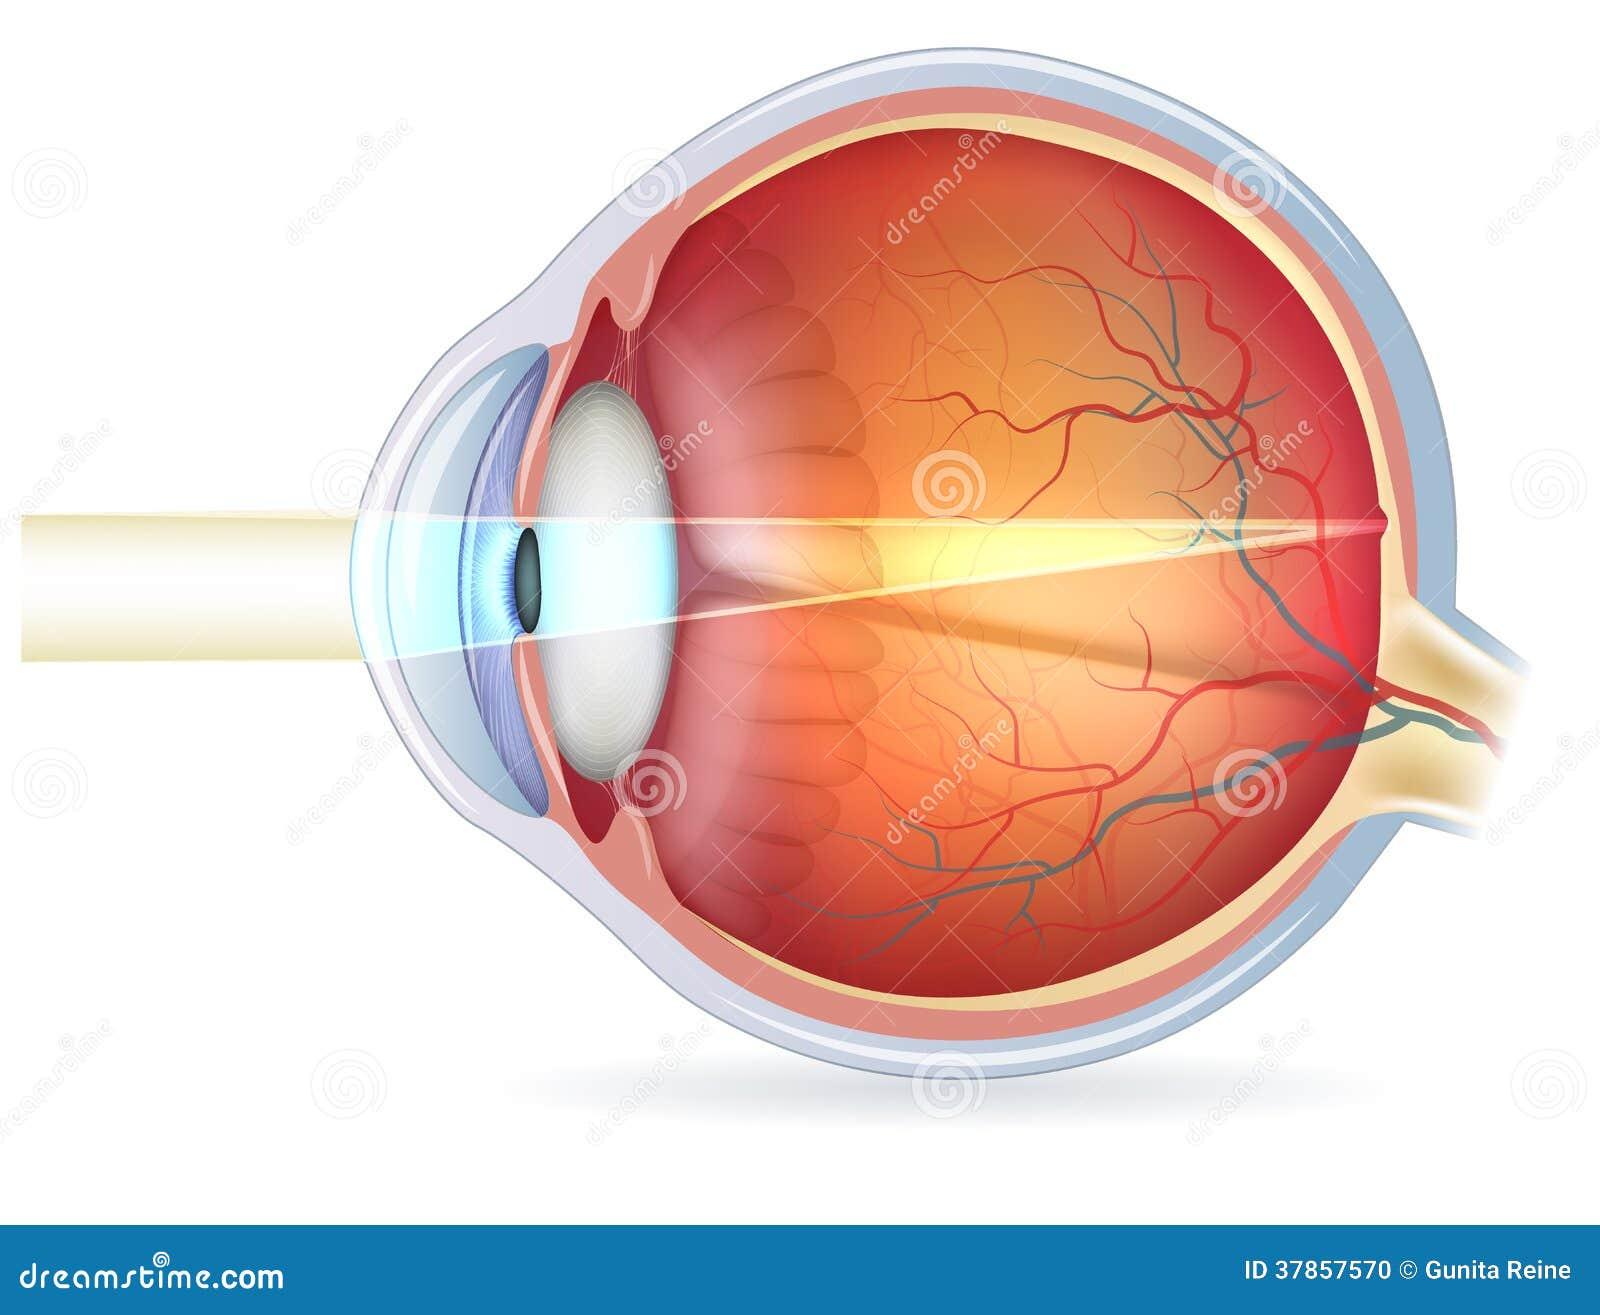 Querschnitt Des Menschlichen Auges, Normale Vision Vektor Abbildung ...